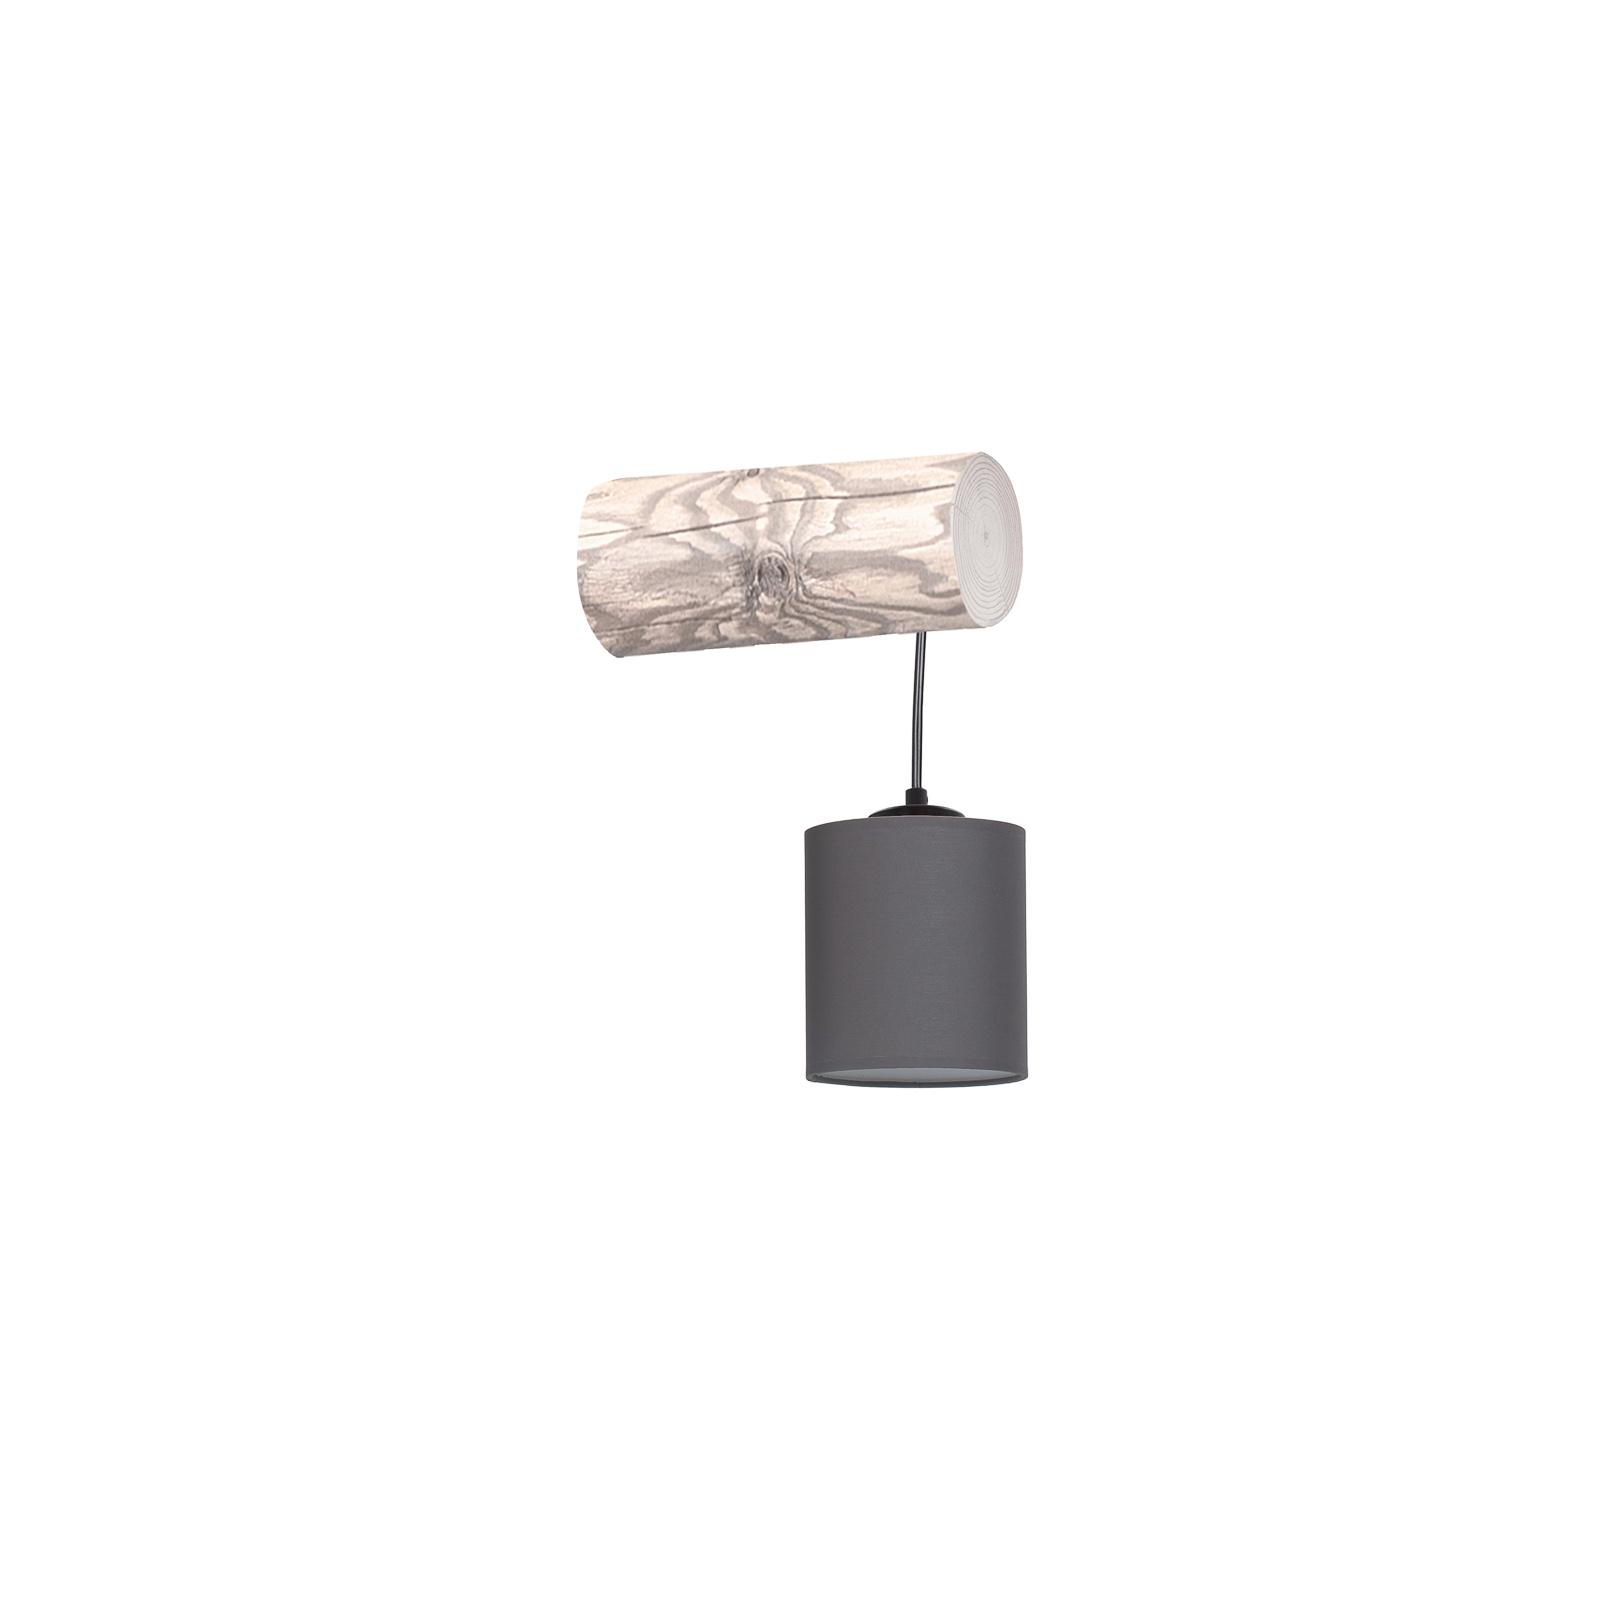 Furesta væglampe, grå, antracit skærm